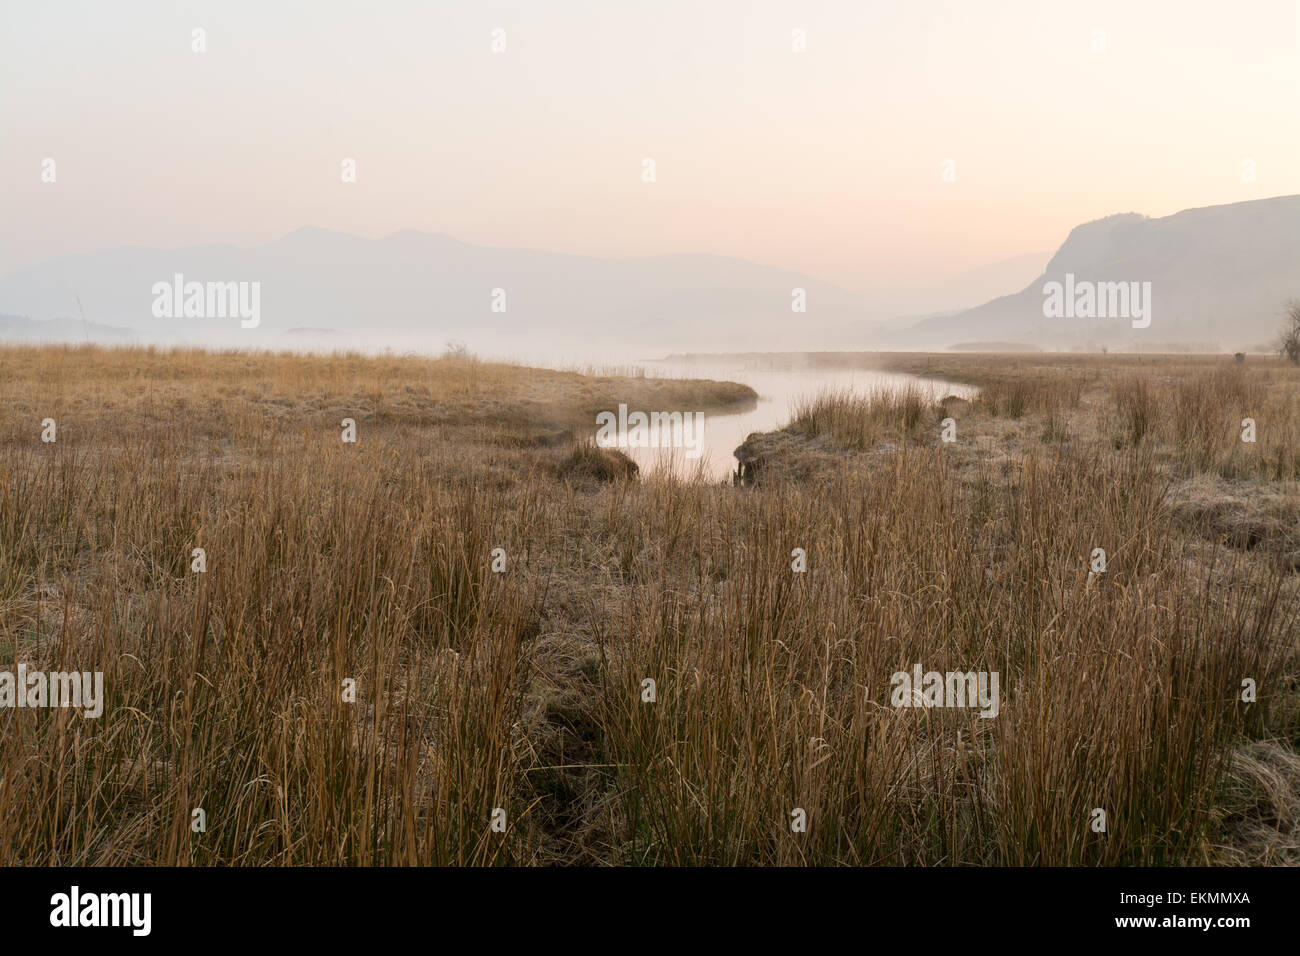 Rompiendo el alba y la niebla comienza a levantar como el río Derwent cumple Derwentwater - distrito inglés Imagen De Stock